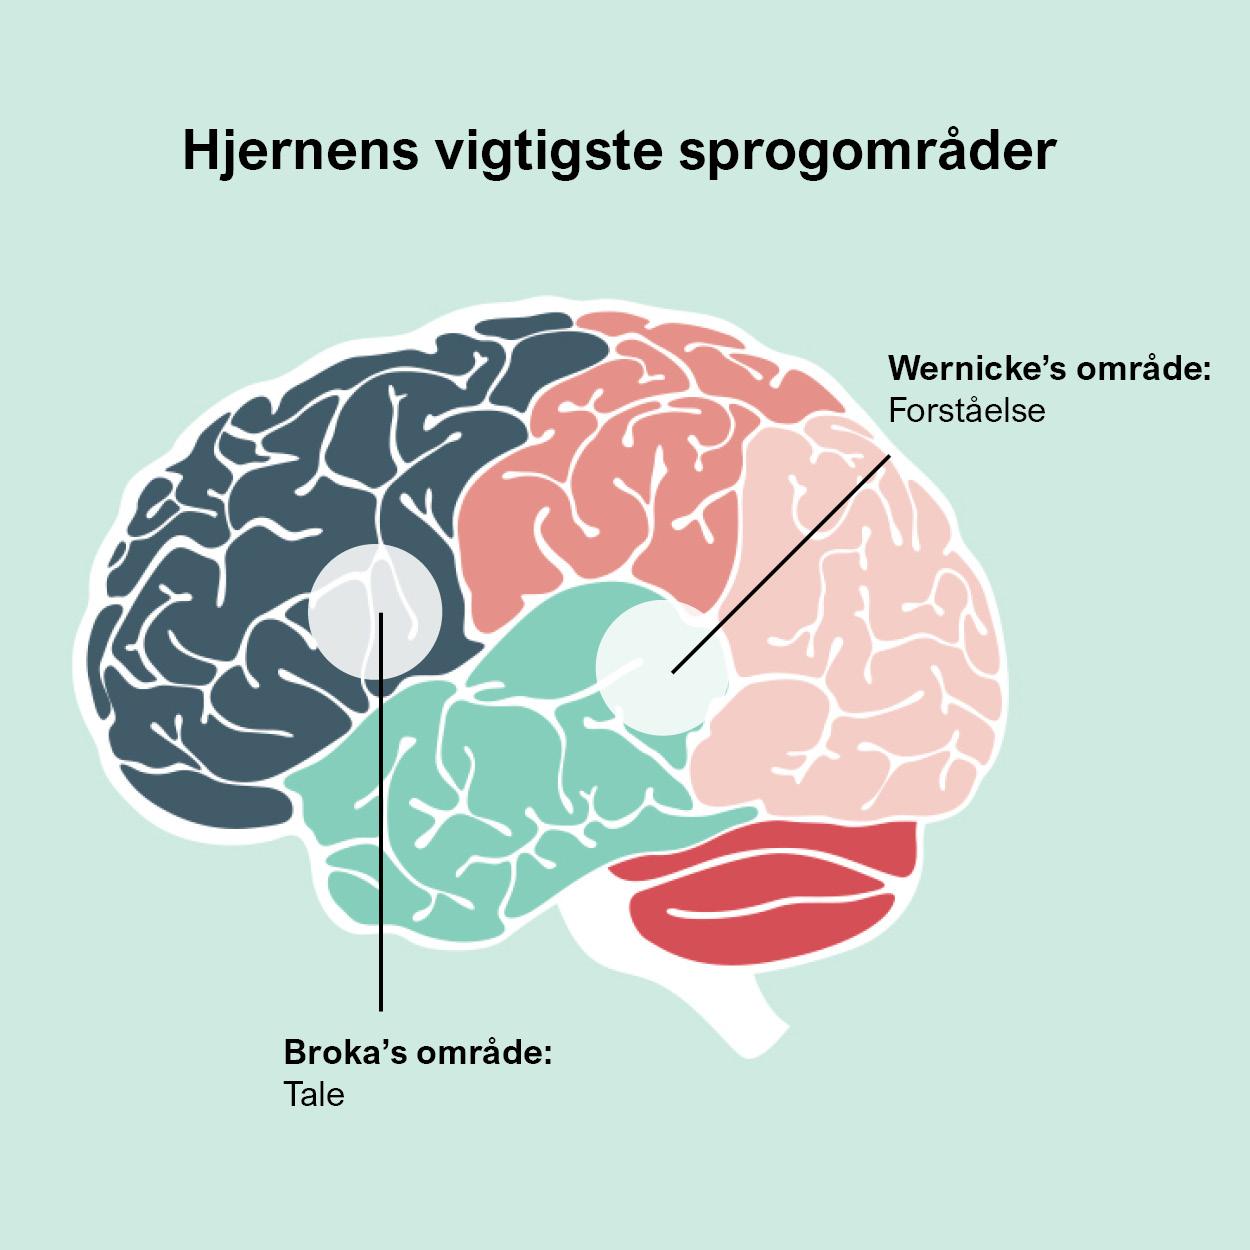 Hjernen hvor sidder sproget